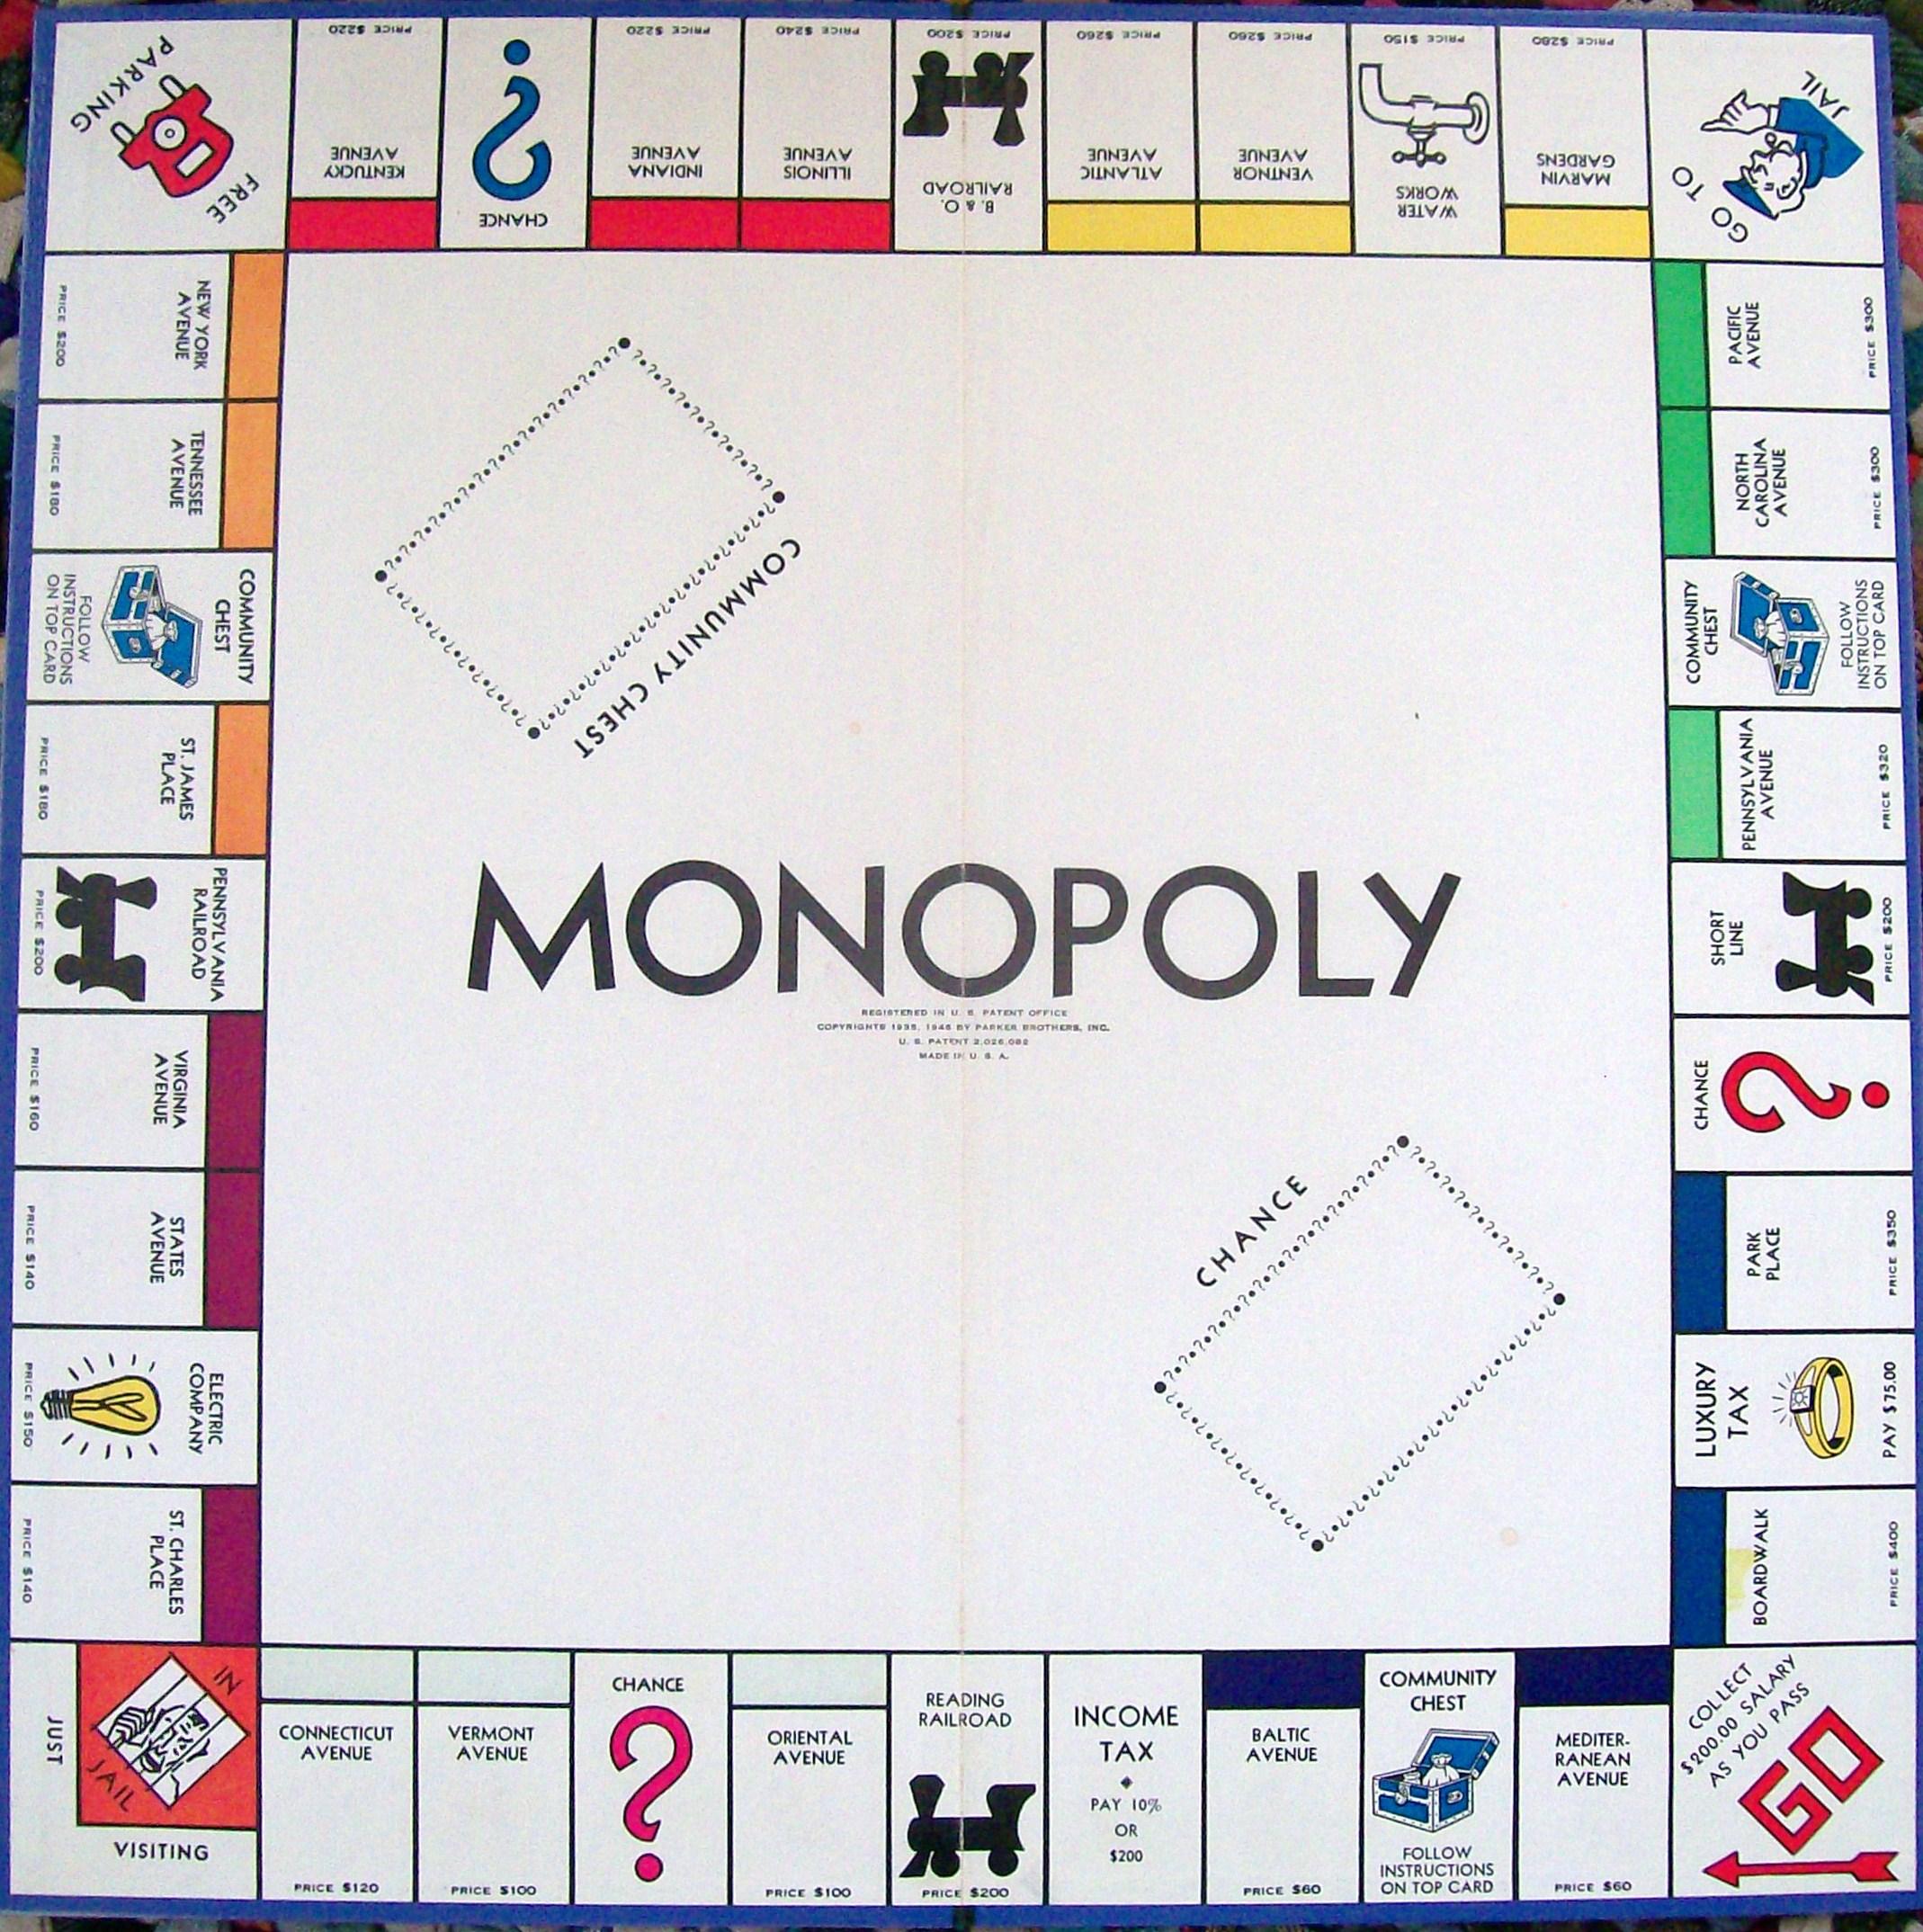 Ziemlich Monopol Spielbrett Vorlage Fotos - Entry Level Resume ...